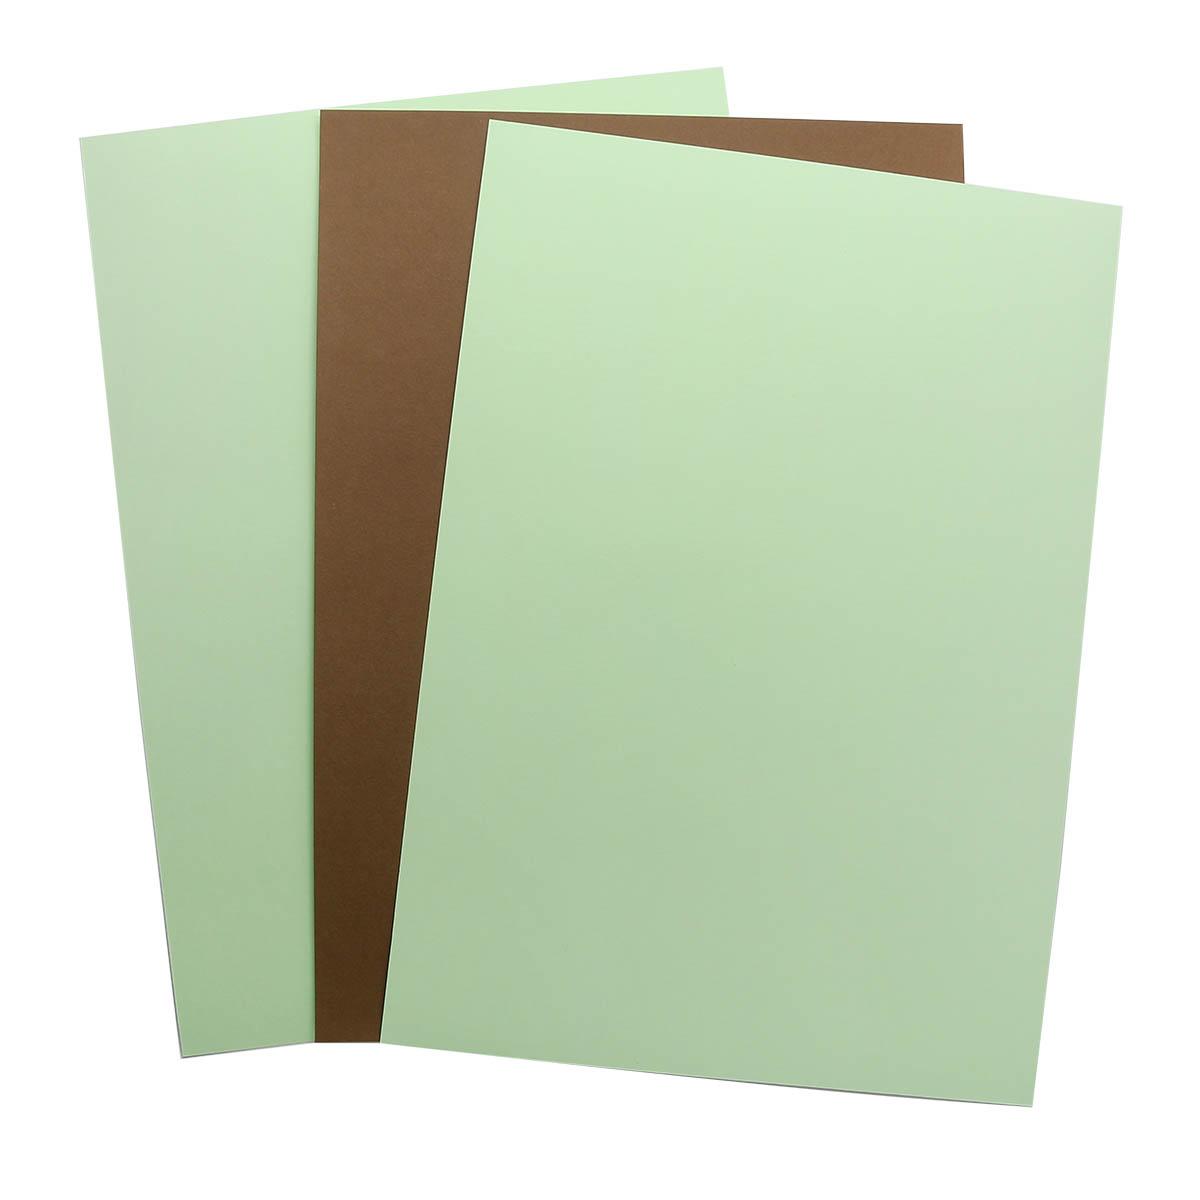 БД0011 Бумага двухсторонняя А4 КОМПЛЕКТ 3шт. Коричневый/ Св.Зеленый